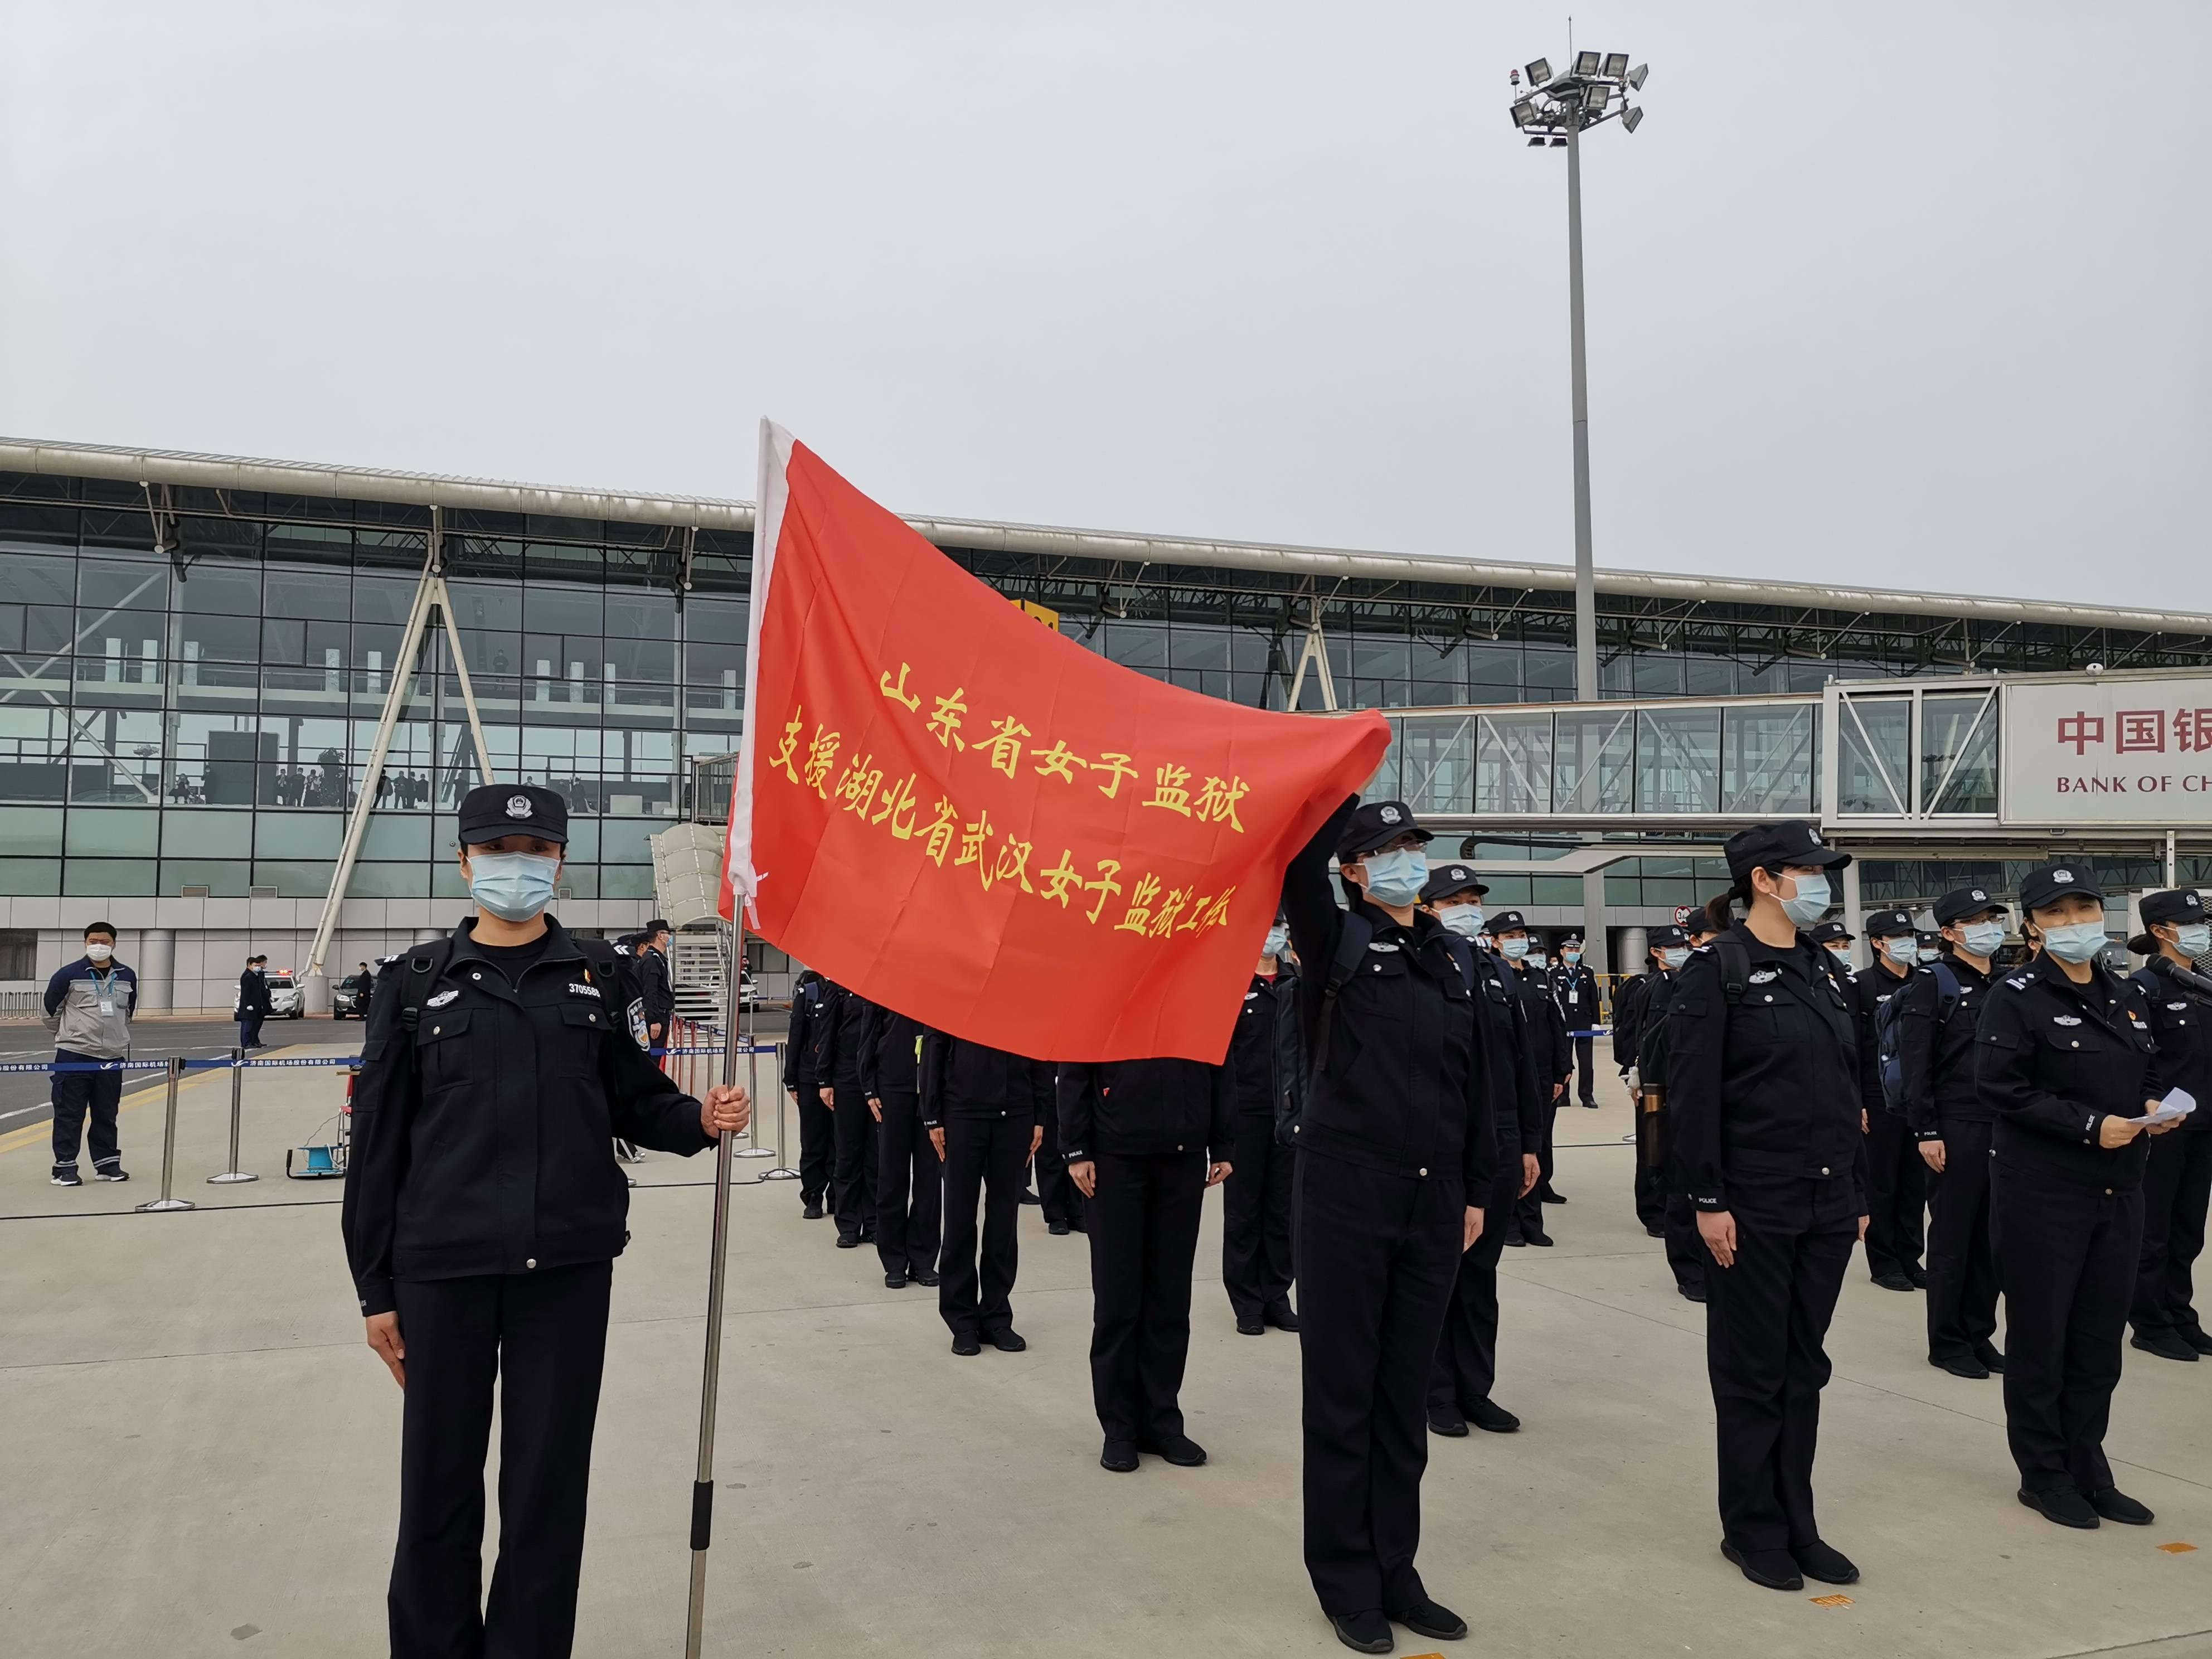 山東援助湖北第六批返魯人員凱旋 林峰海到機場迎接